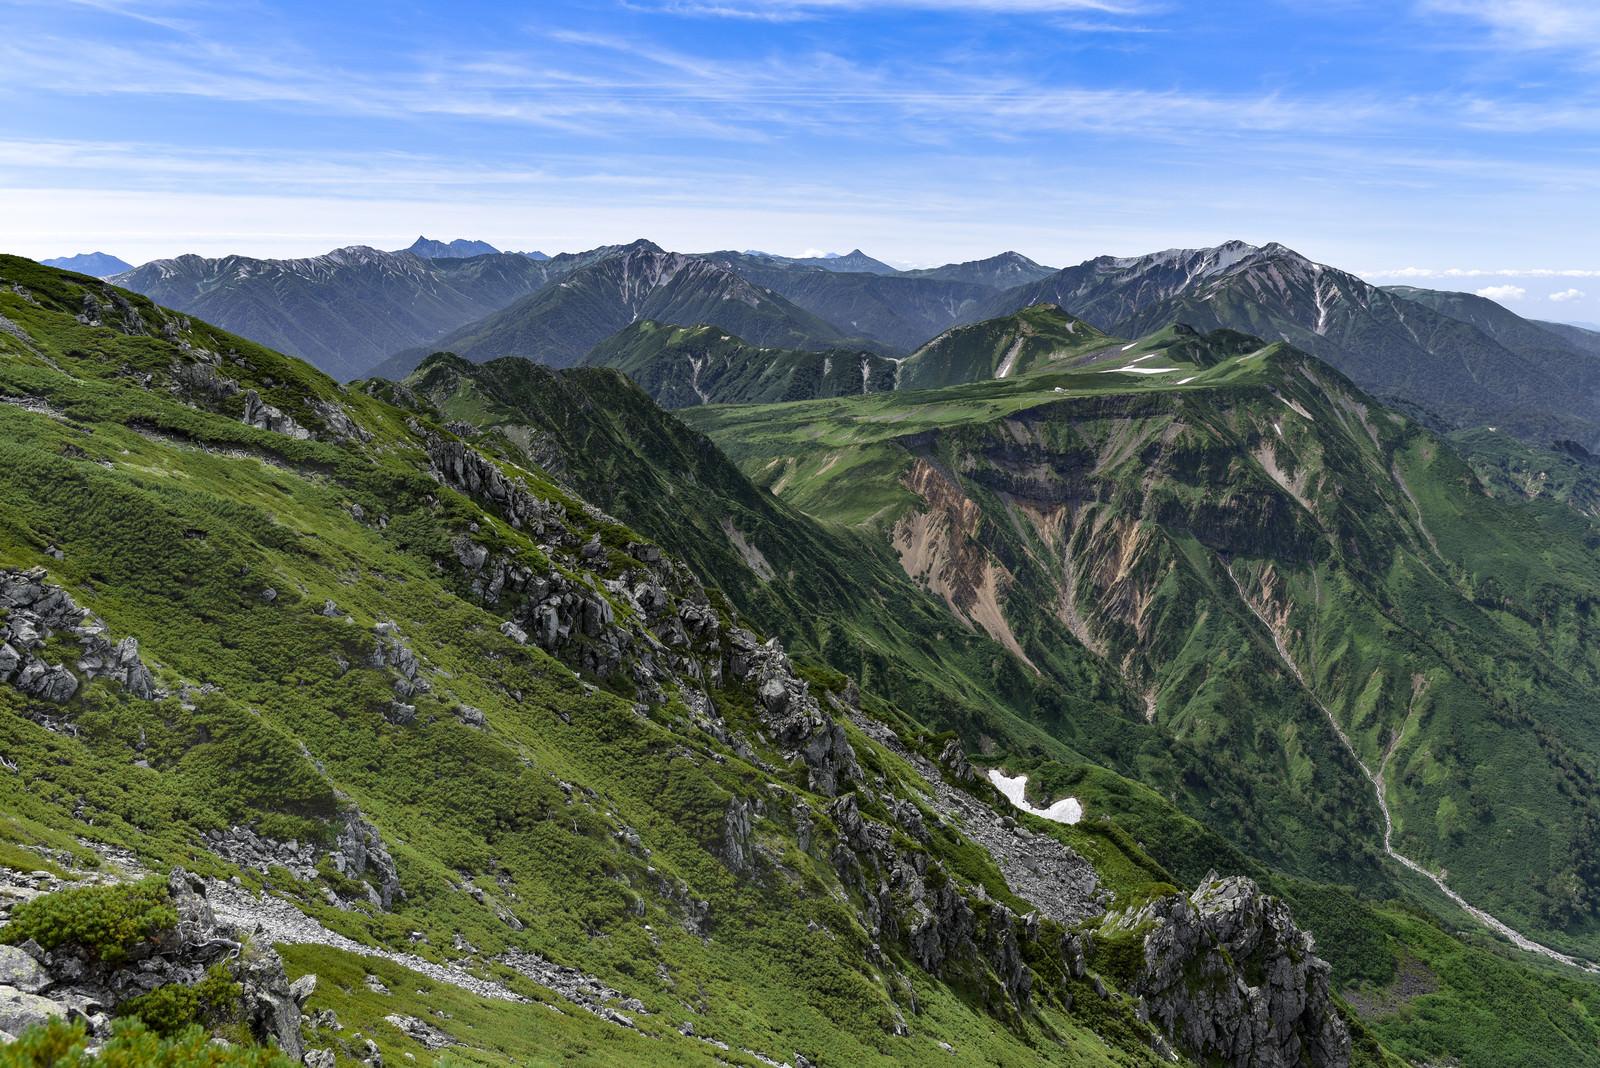 「立山浄土山から見る薬師岳方面の景色」の写真